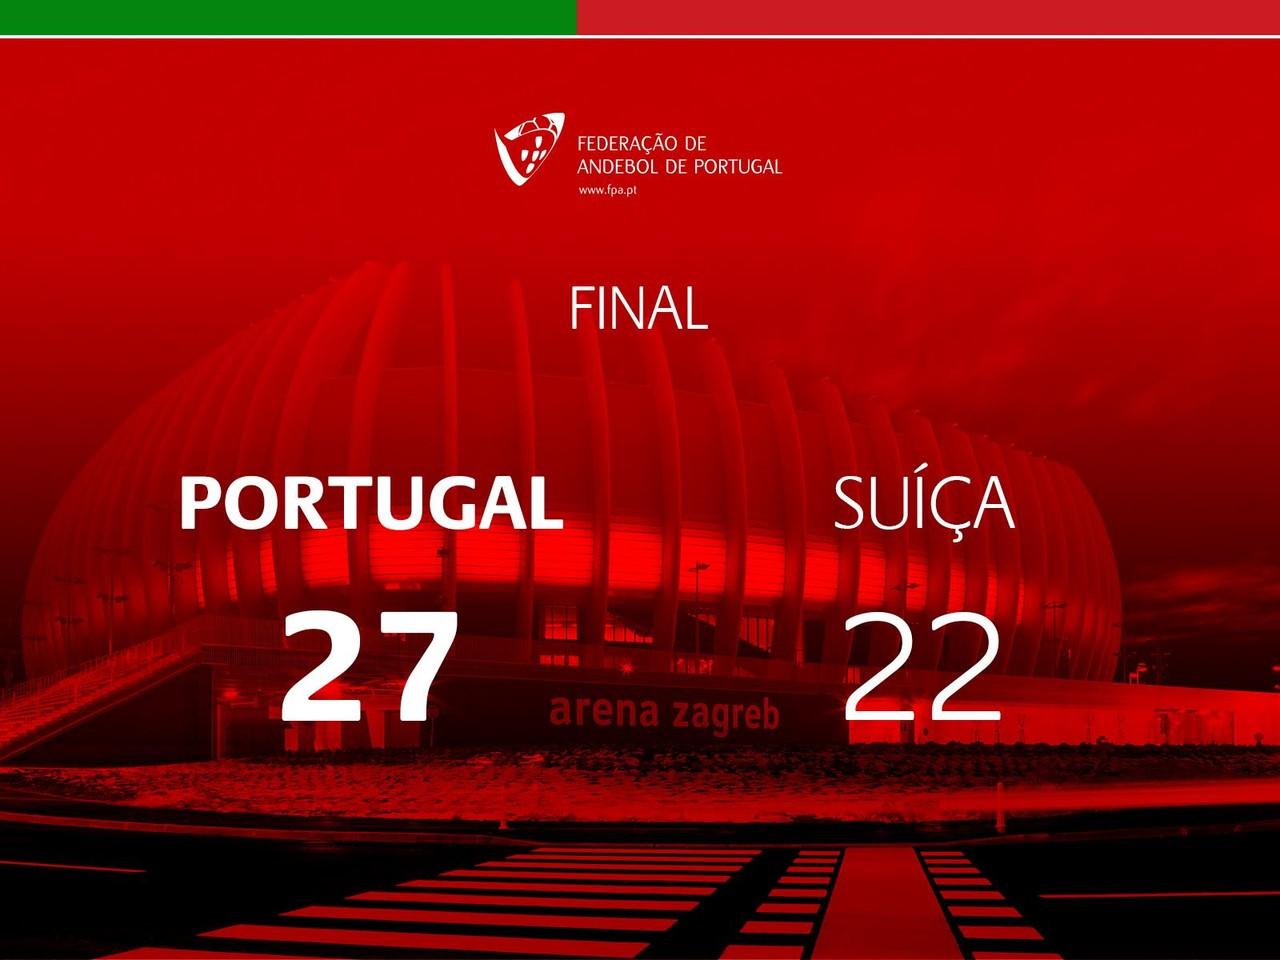 andebol portugal.jpg